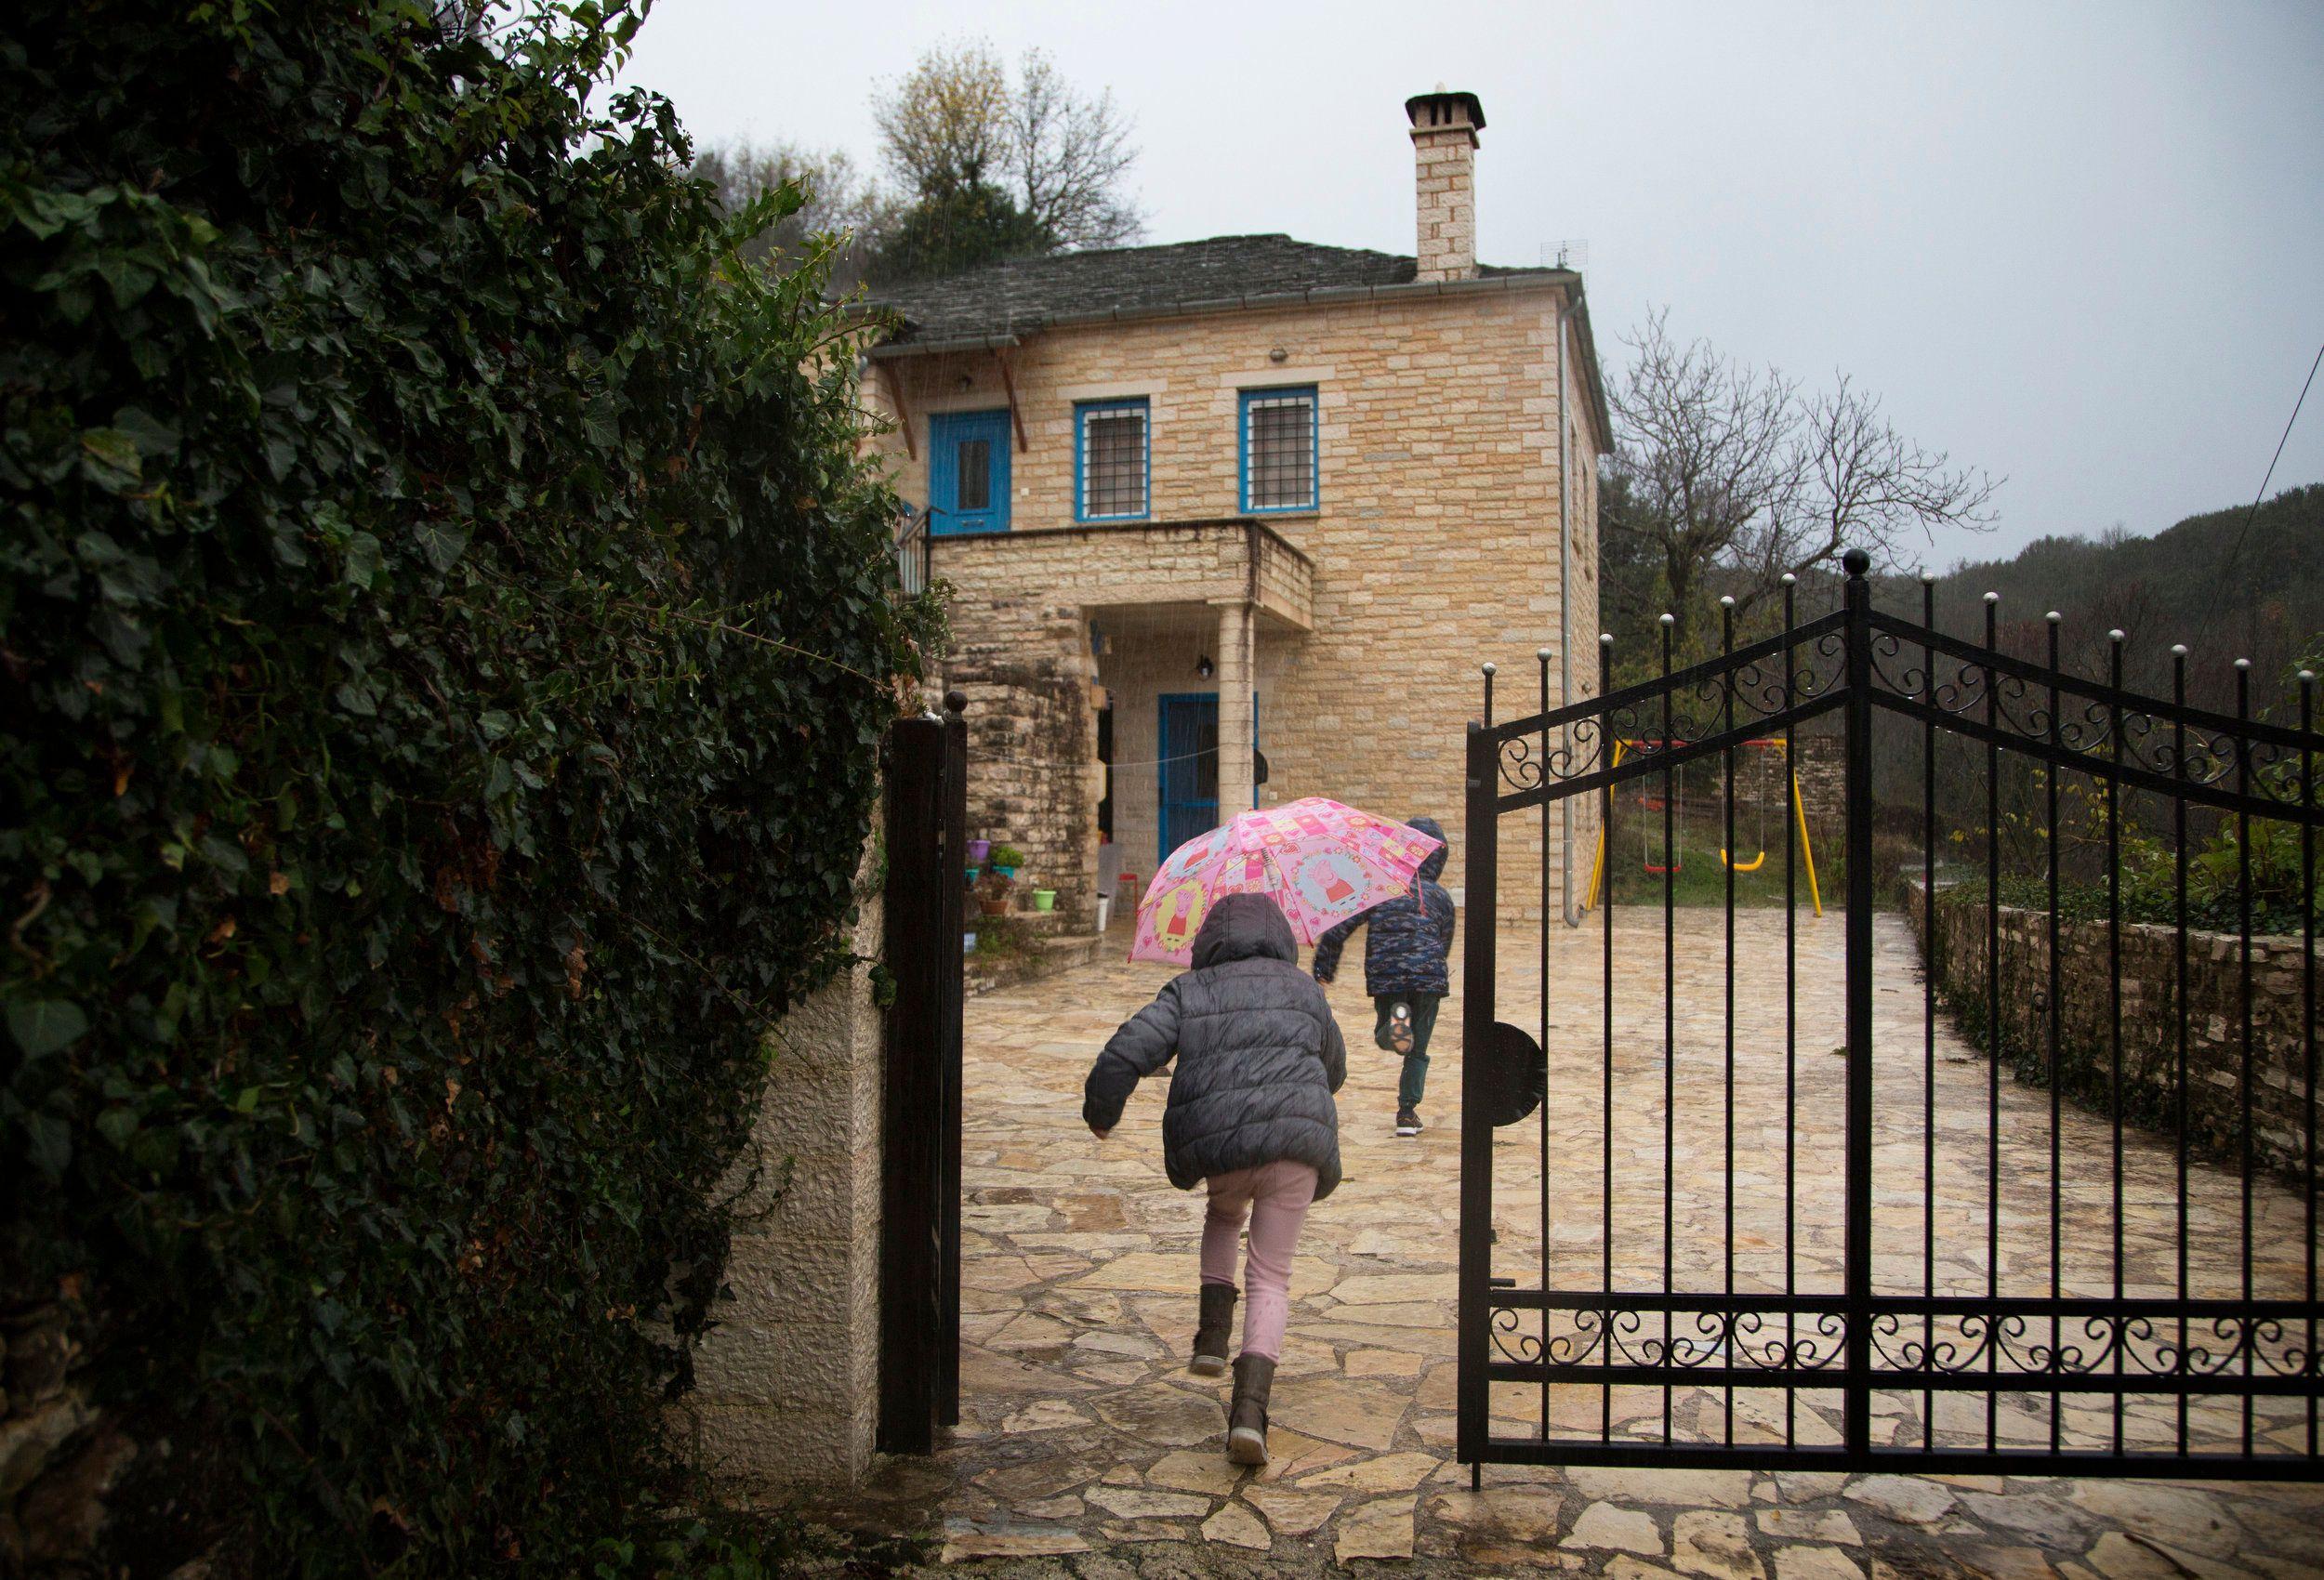 Βροχές και σήμερα - Πότε βελτιώνεται ο καιρός